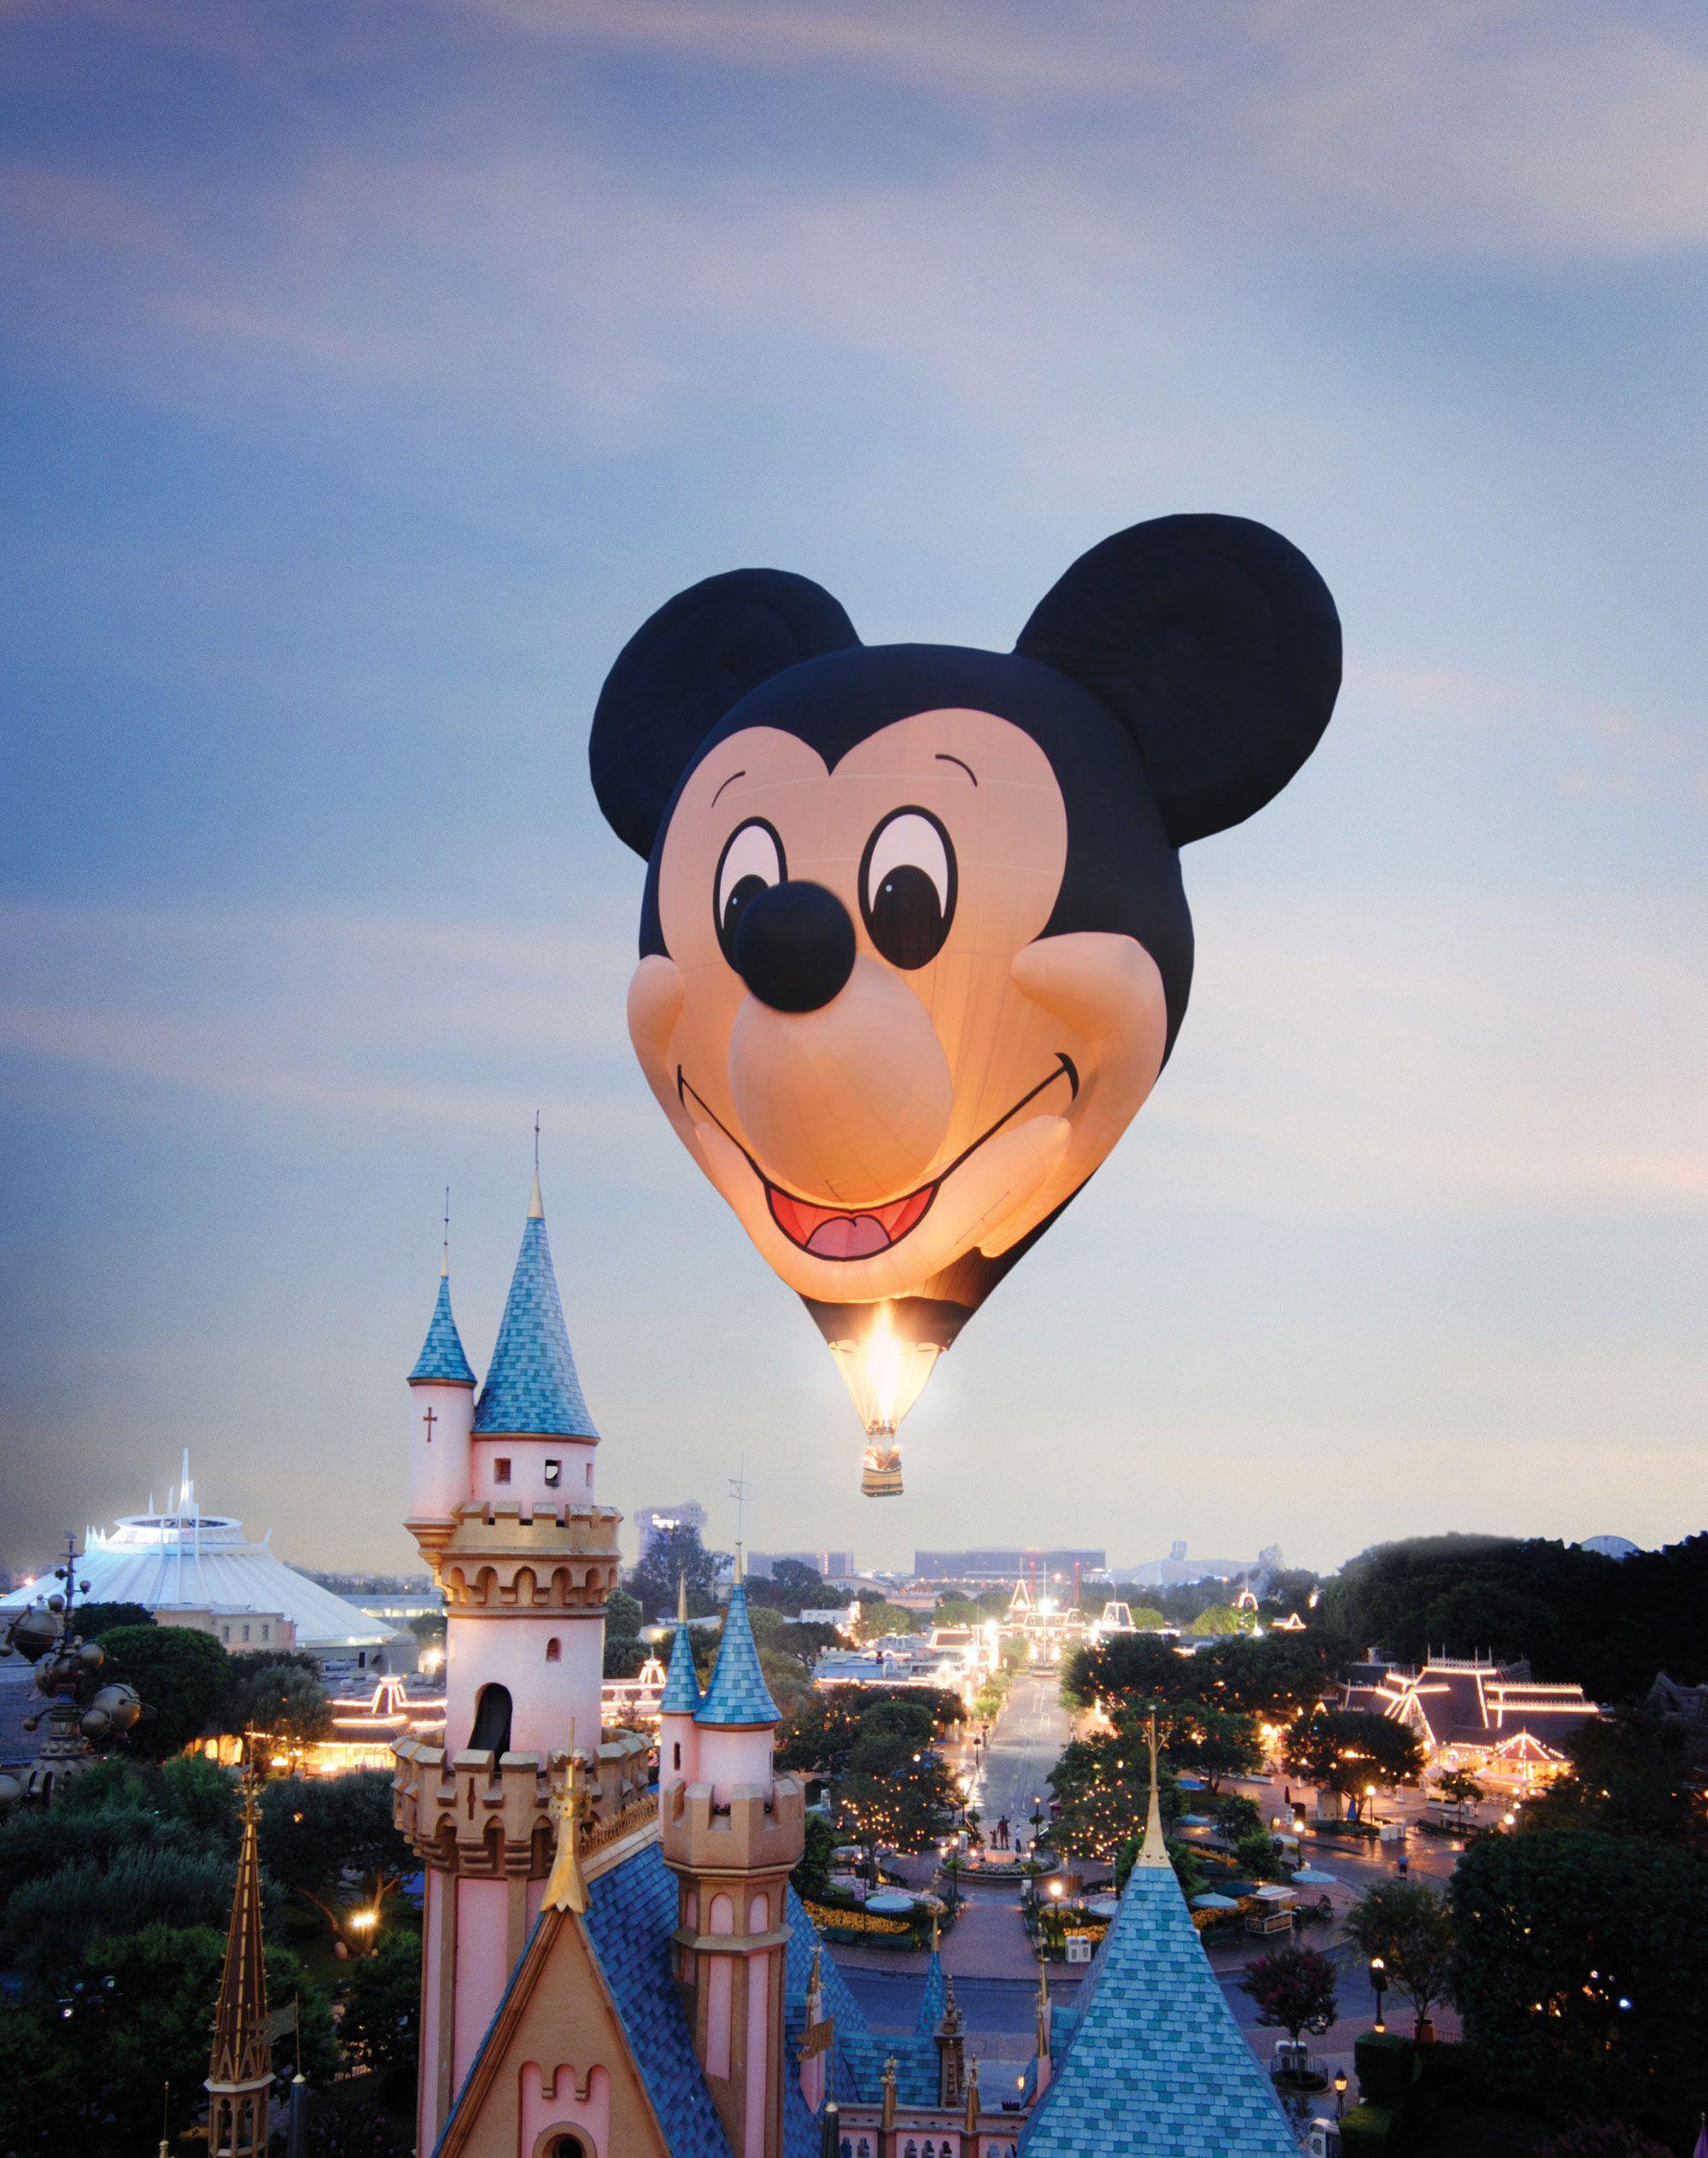 DiSnEy's baLloOn...... Disney balloons, Balloons, Air